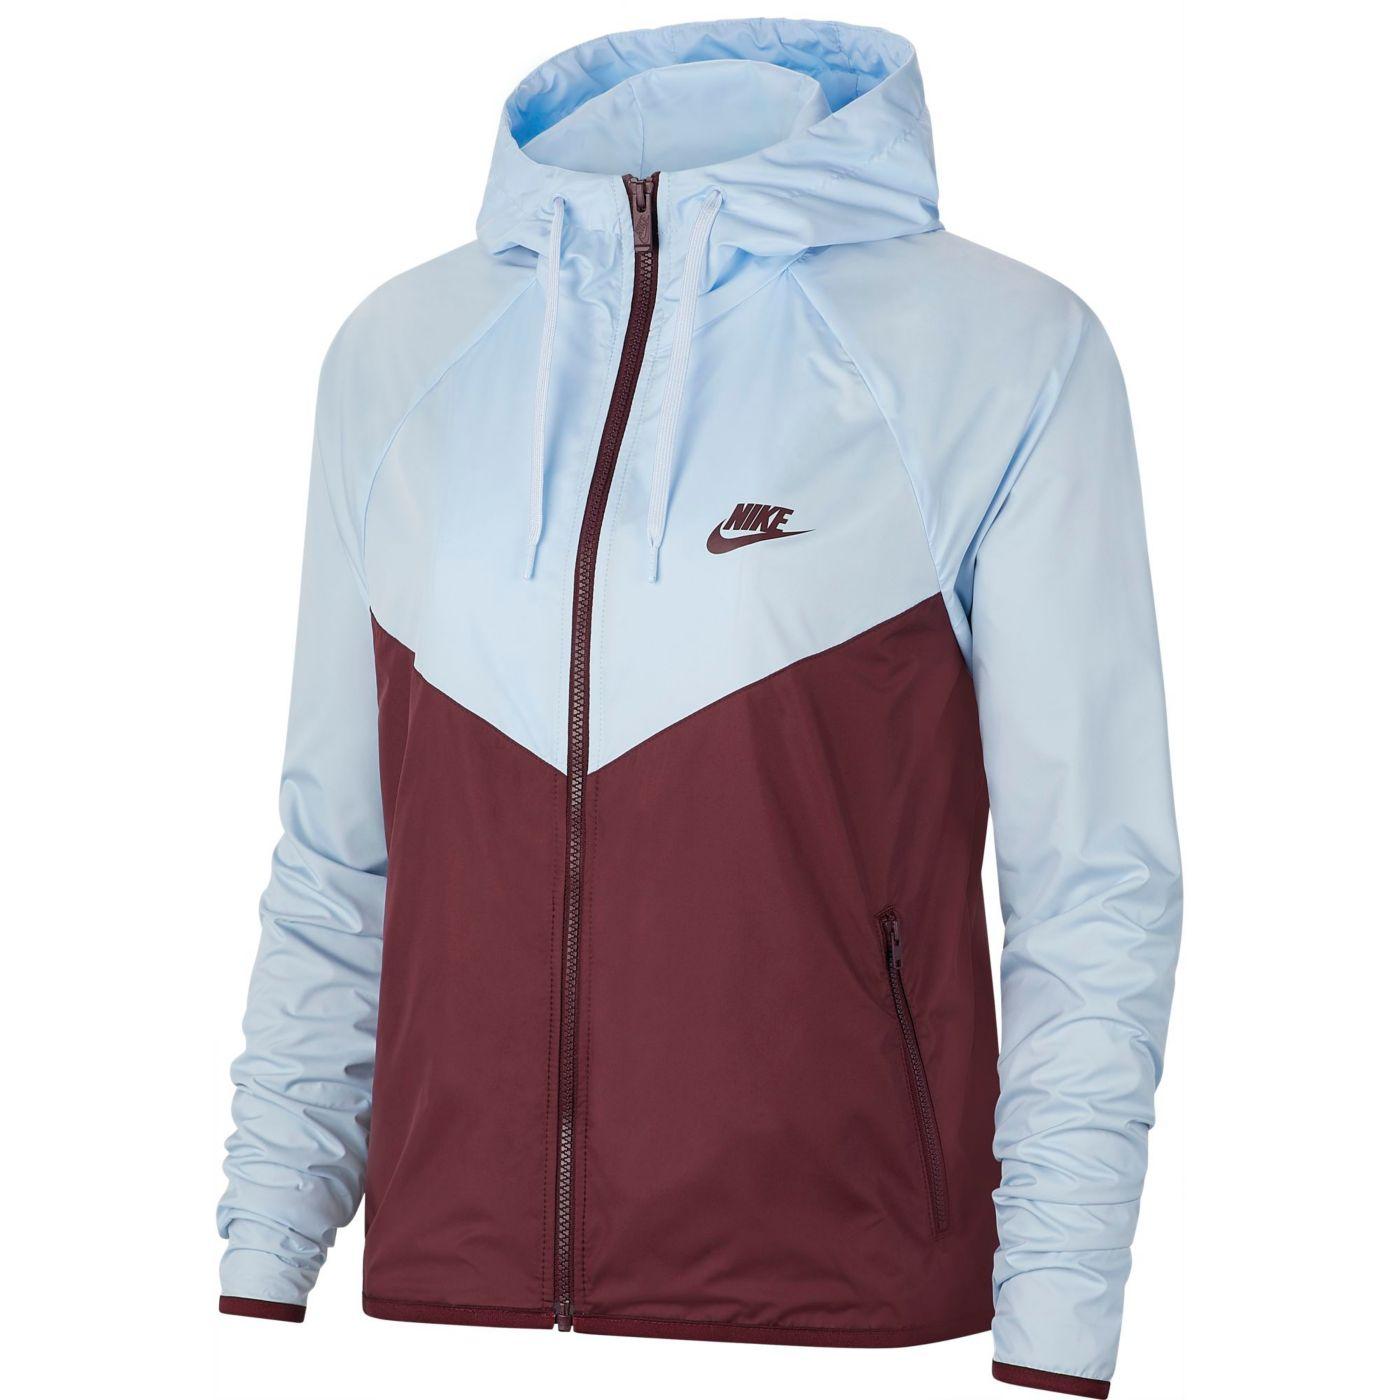 Nike Women's Sportswear Windrunner Jacket